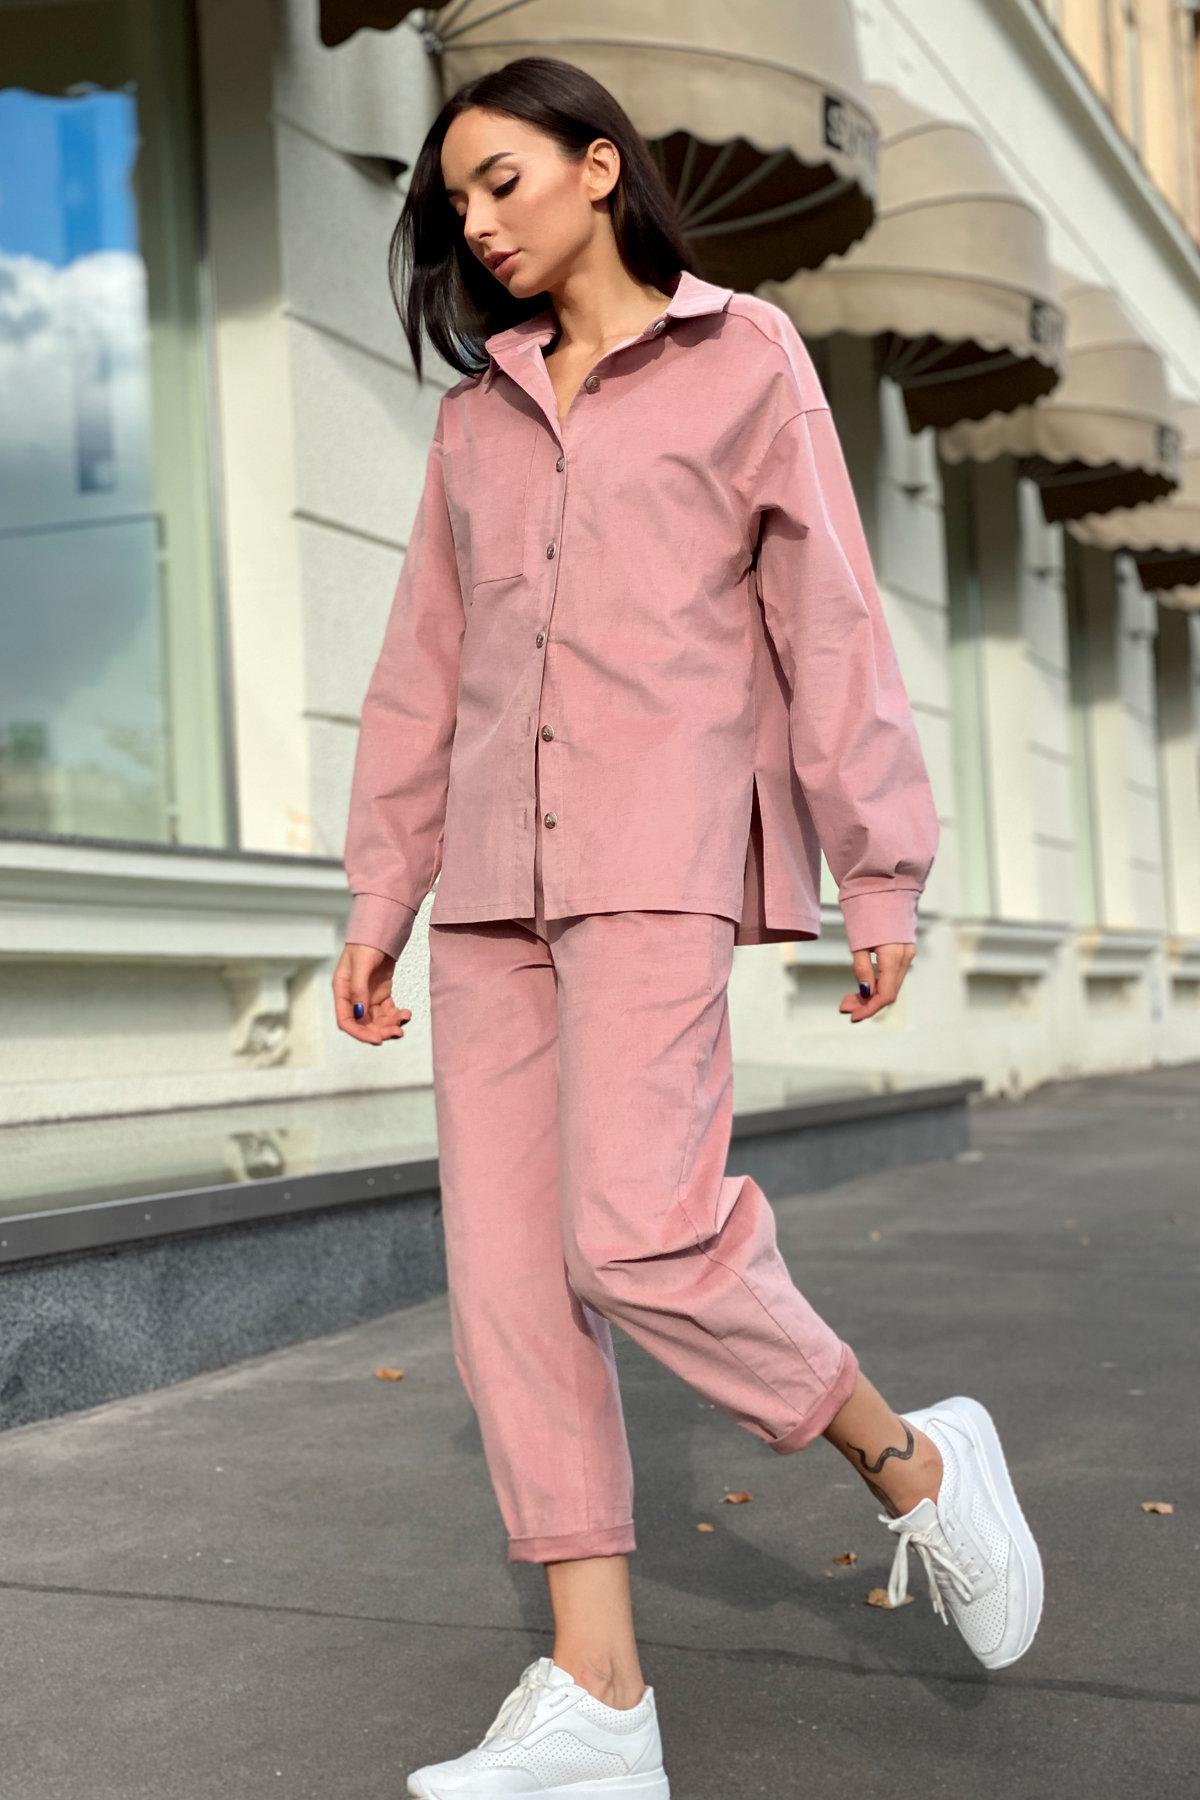 Браво микровельвет костюм 9695 АРТ. 46000 Цвет: Пудра - фото 6, интернет магазин tm-modus.ru